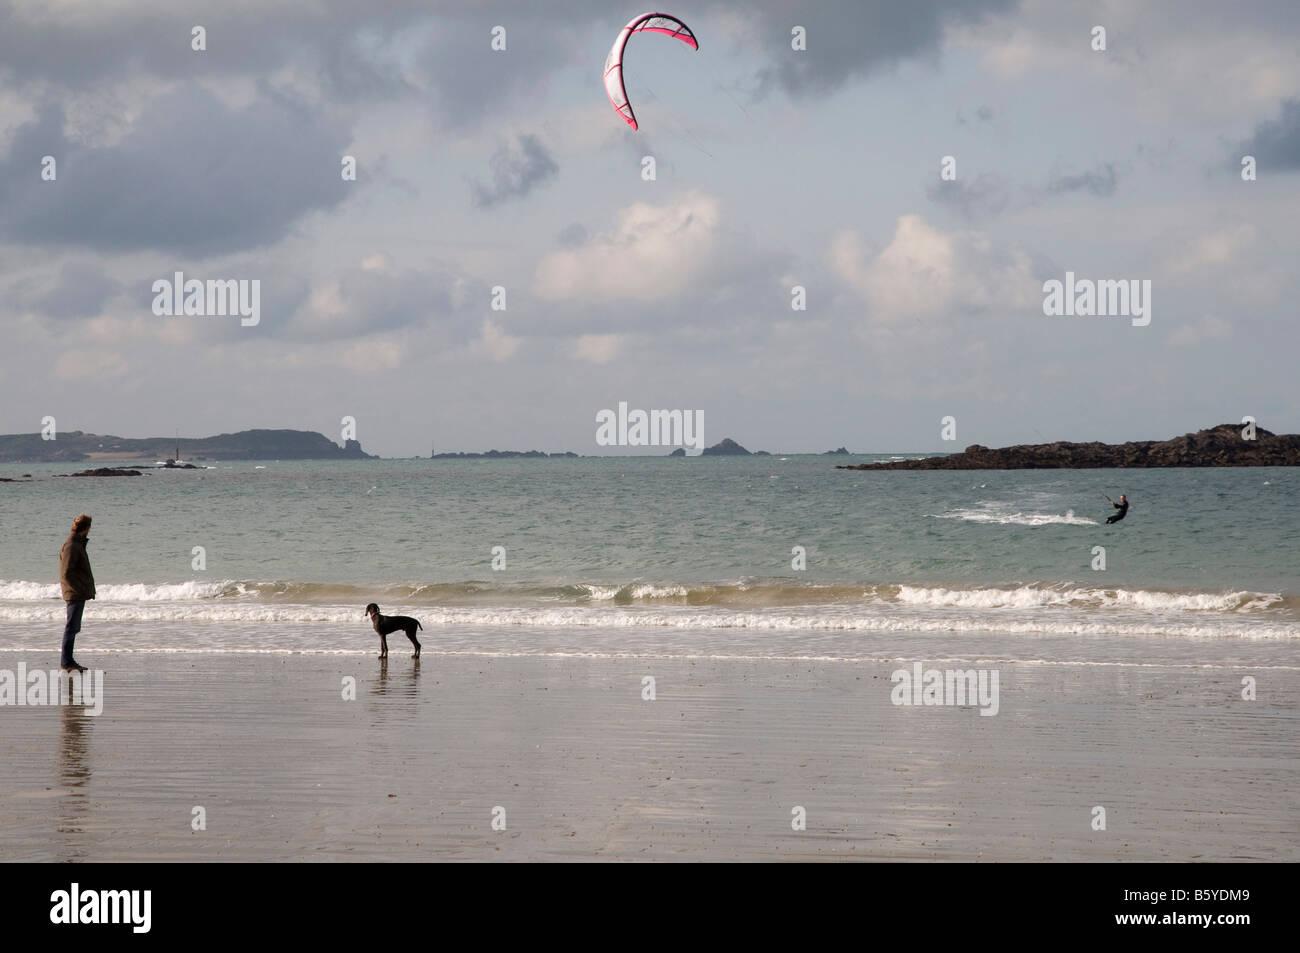 un promeneur regarde un kitesurfer sur la plage Stock Photo